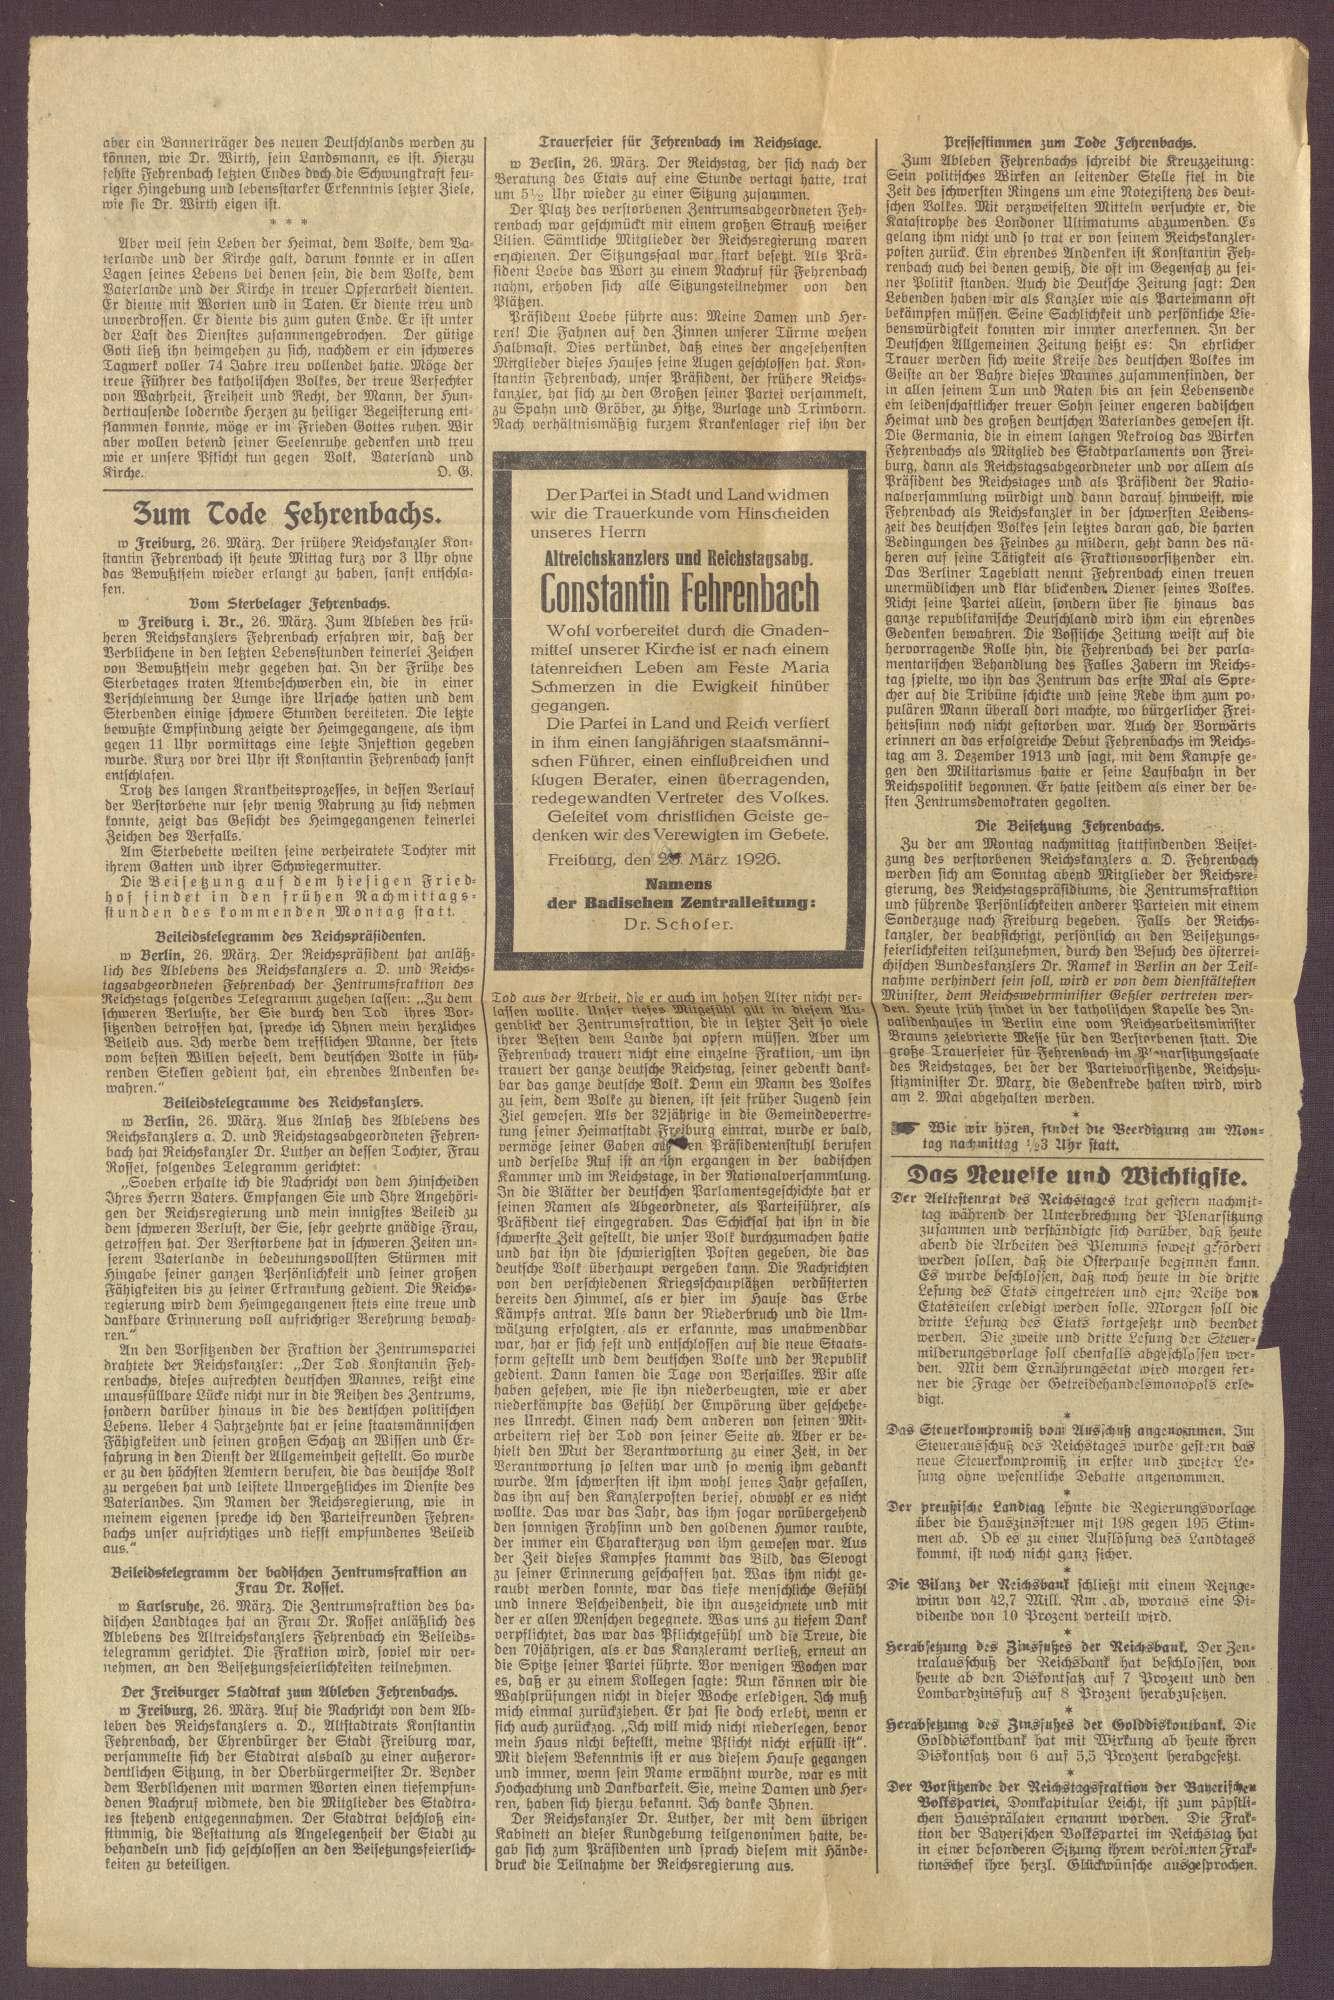 Nachrufe aus badischen Zeitungen auf Constantin Fehrenbach, Bild 2